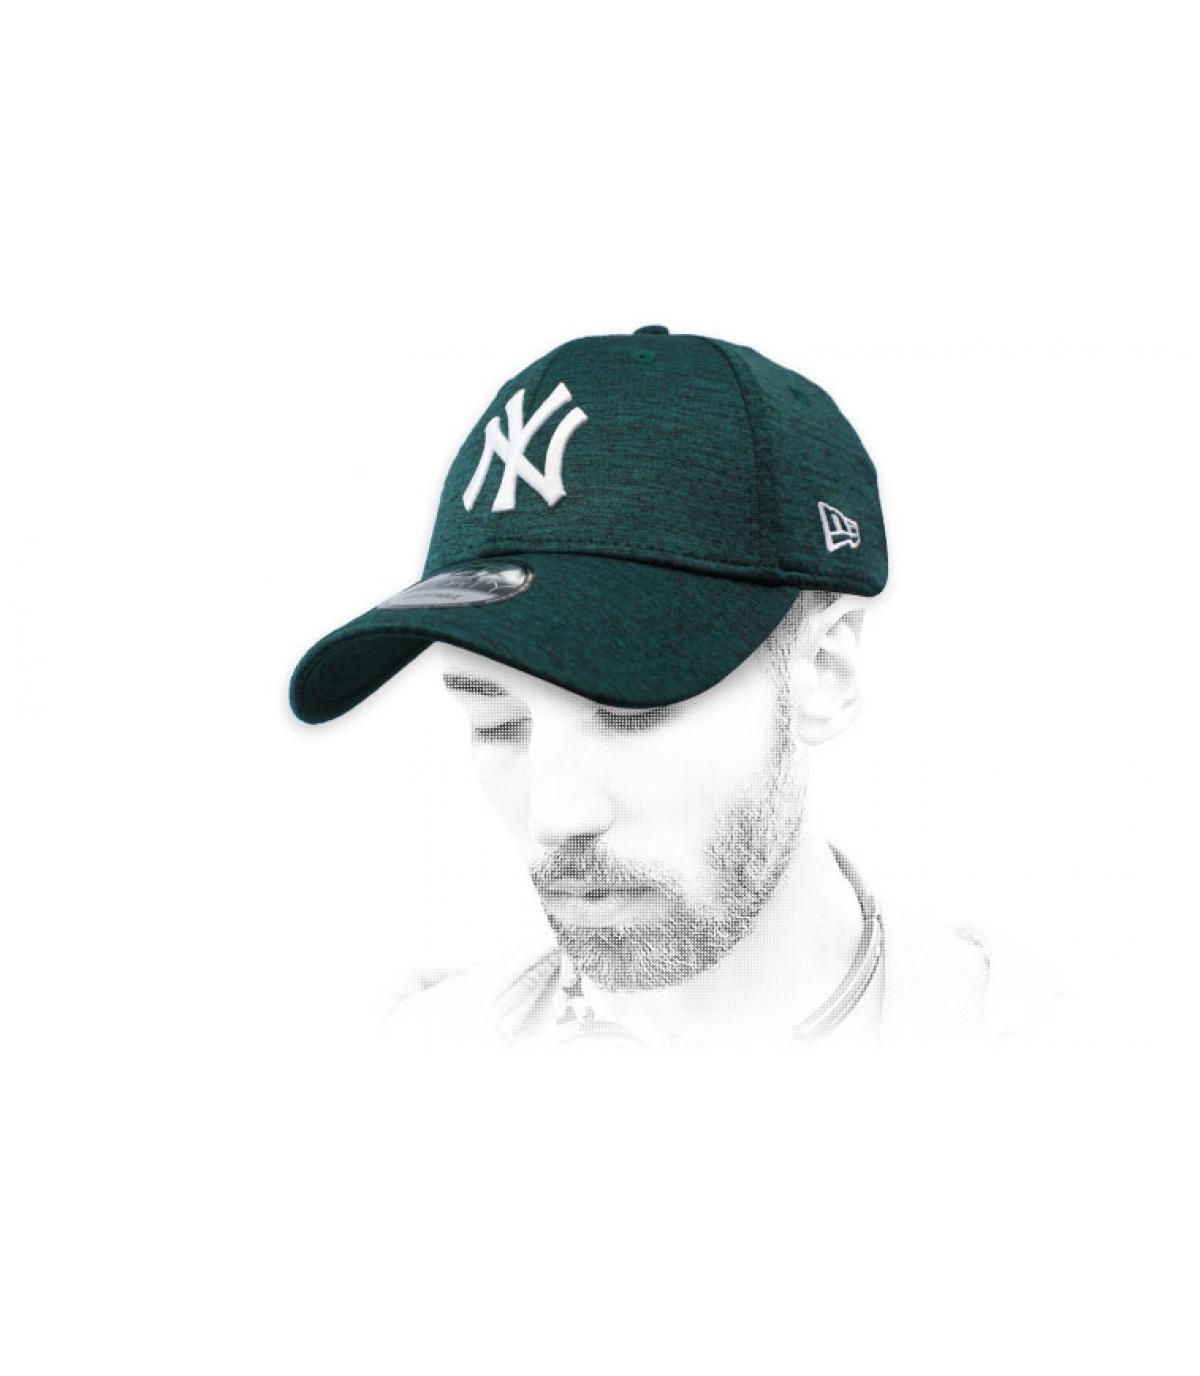 green NY cap Dry Switch